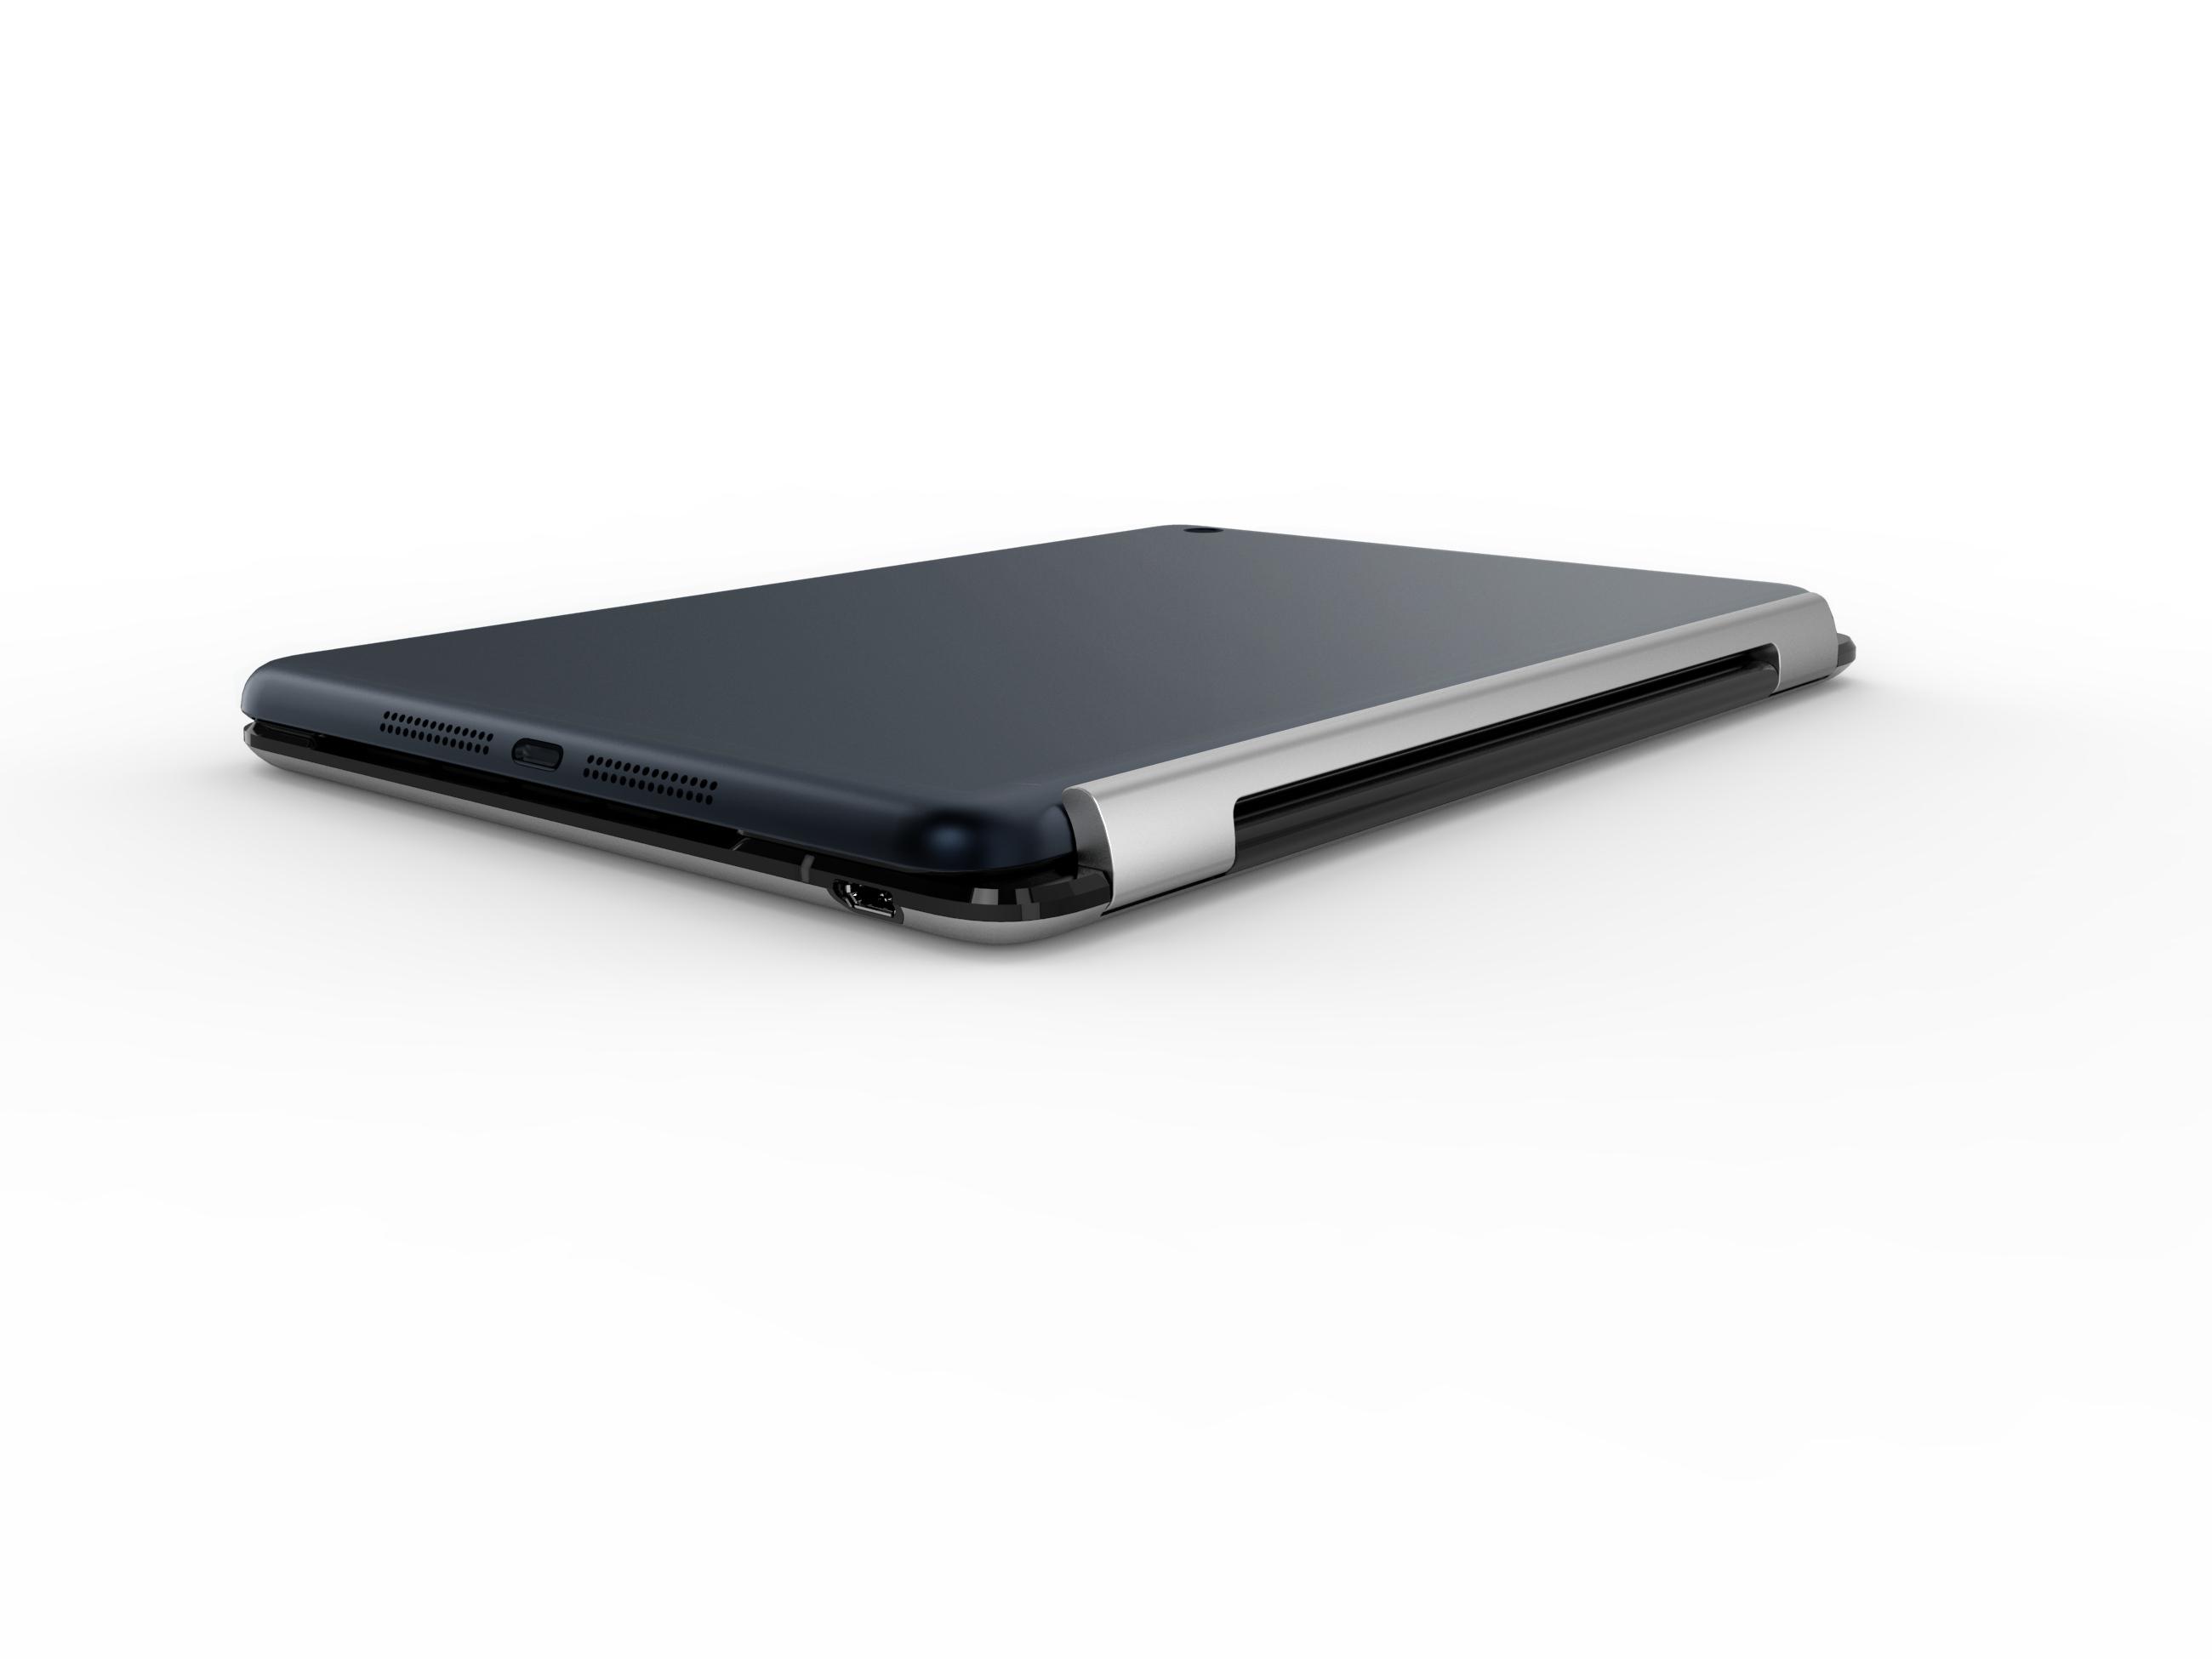 belkin wireless keyboard for ipad instructions